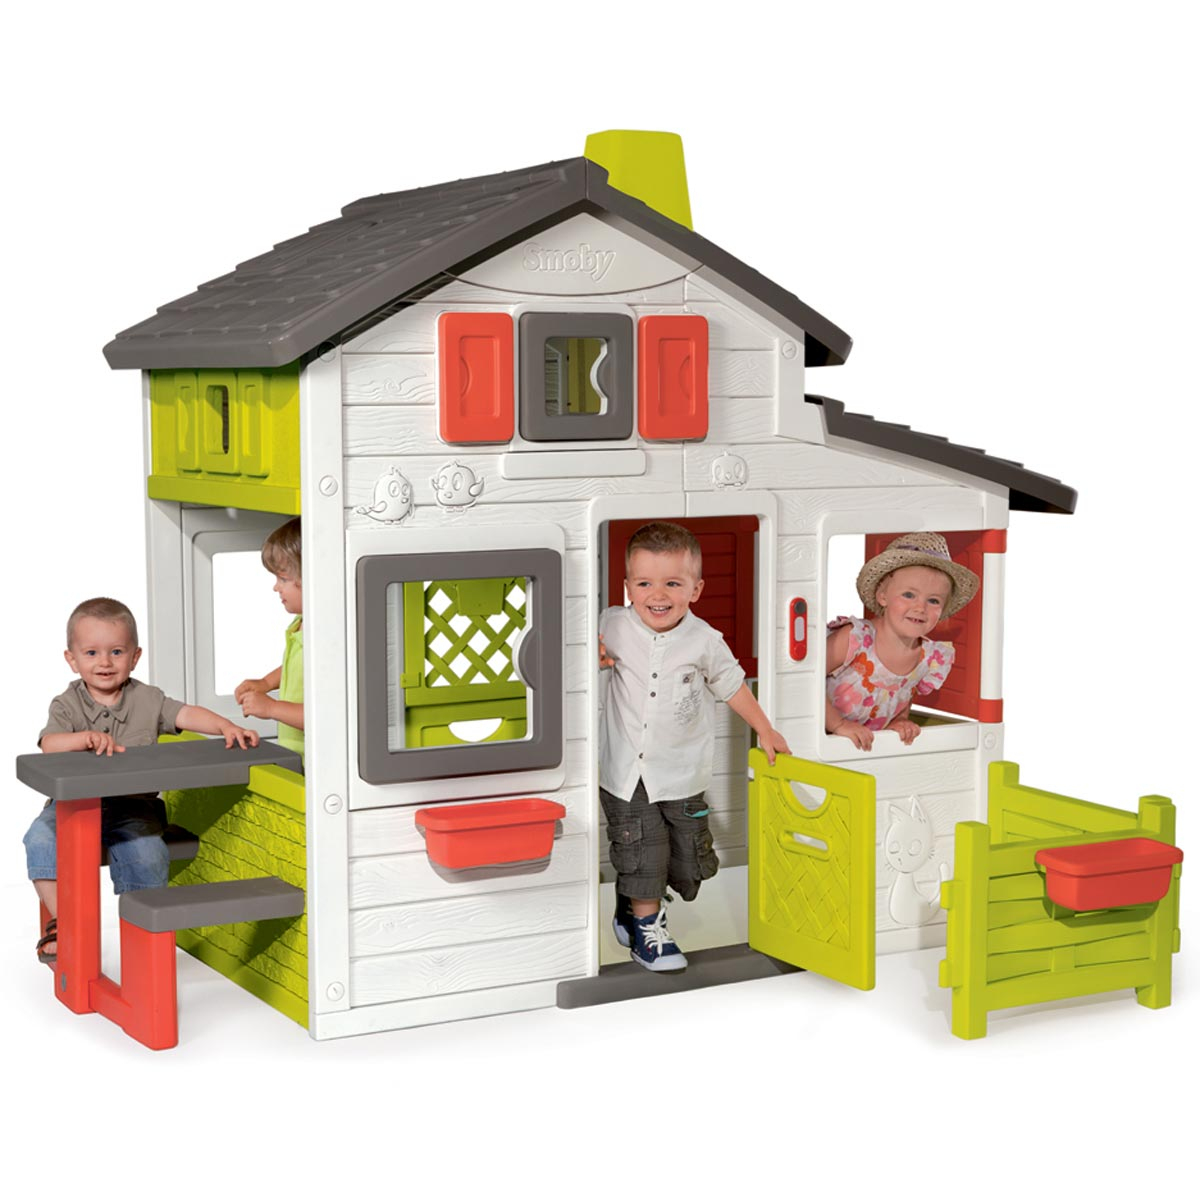 Smoby Maison De Jardin Friends House avec Maison De Jardin Pour Enfants